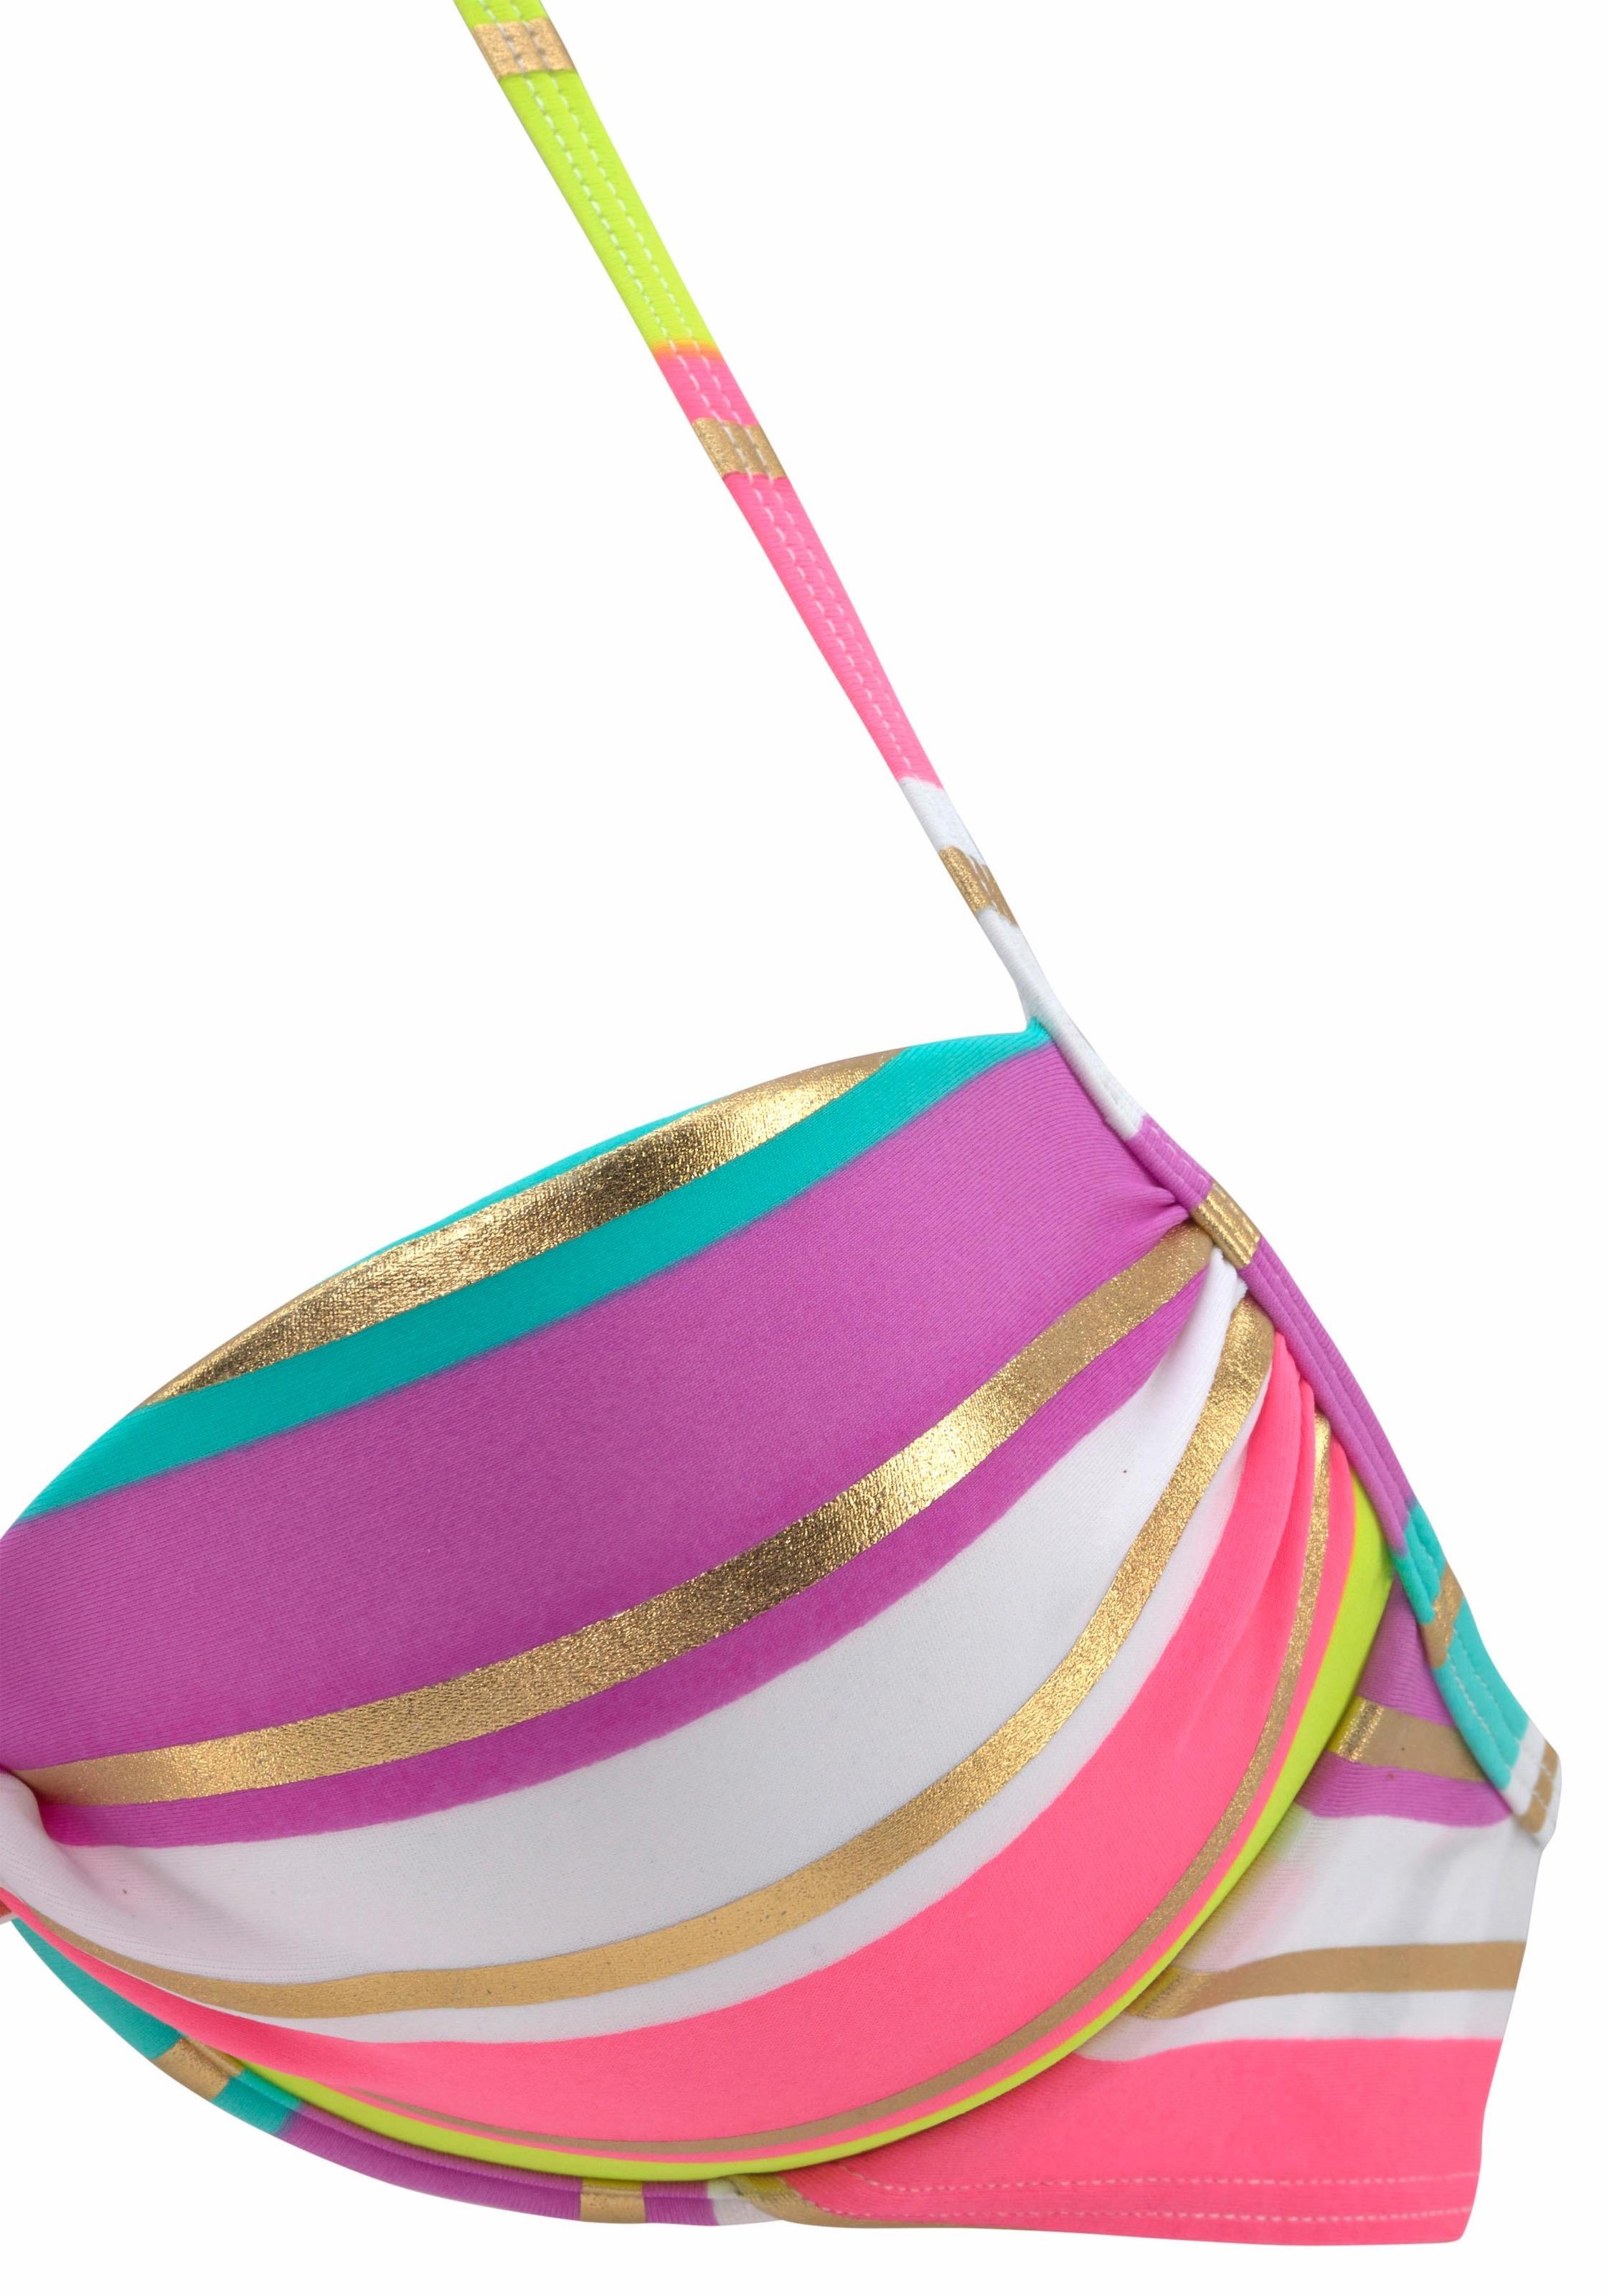 s.Oliver RED LABEL Beachwear Push-up-Bikini mit Goldglanz-Streifen online  kaufen 501d27503a